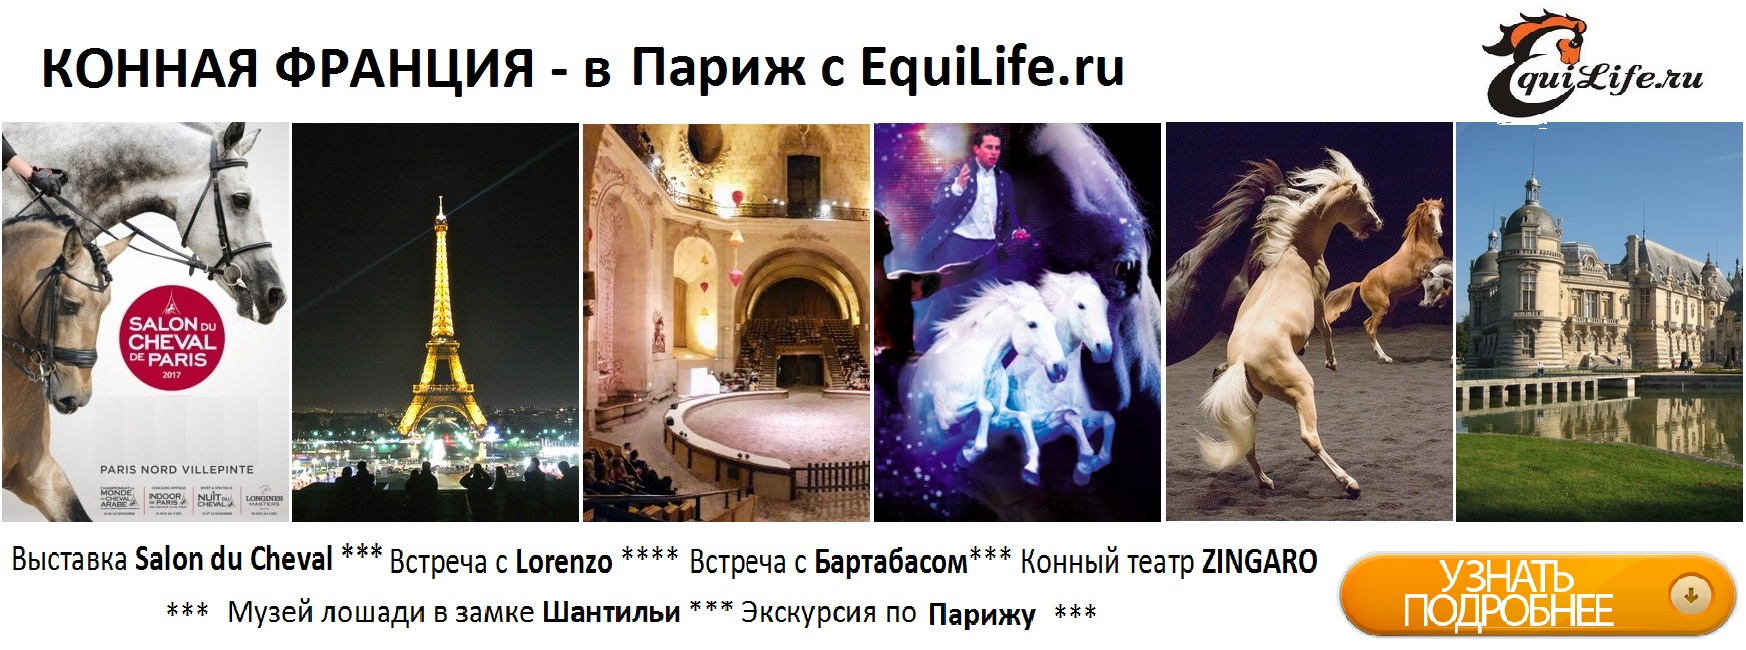 Лошади cвязывают разные места с различными эмоциями - фото , главная Новости Тренинг , конный журнал EquiLIfe